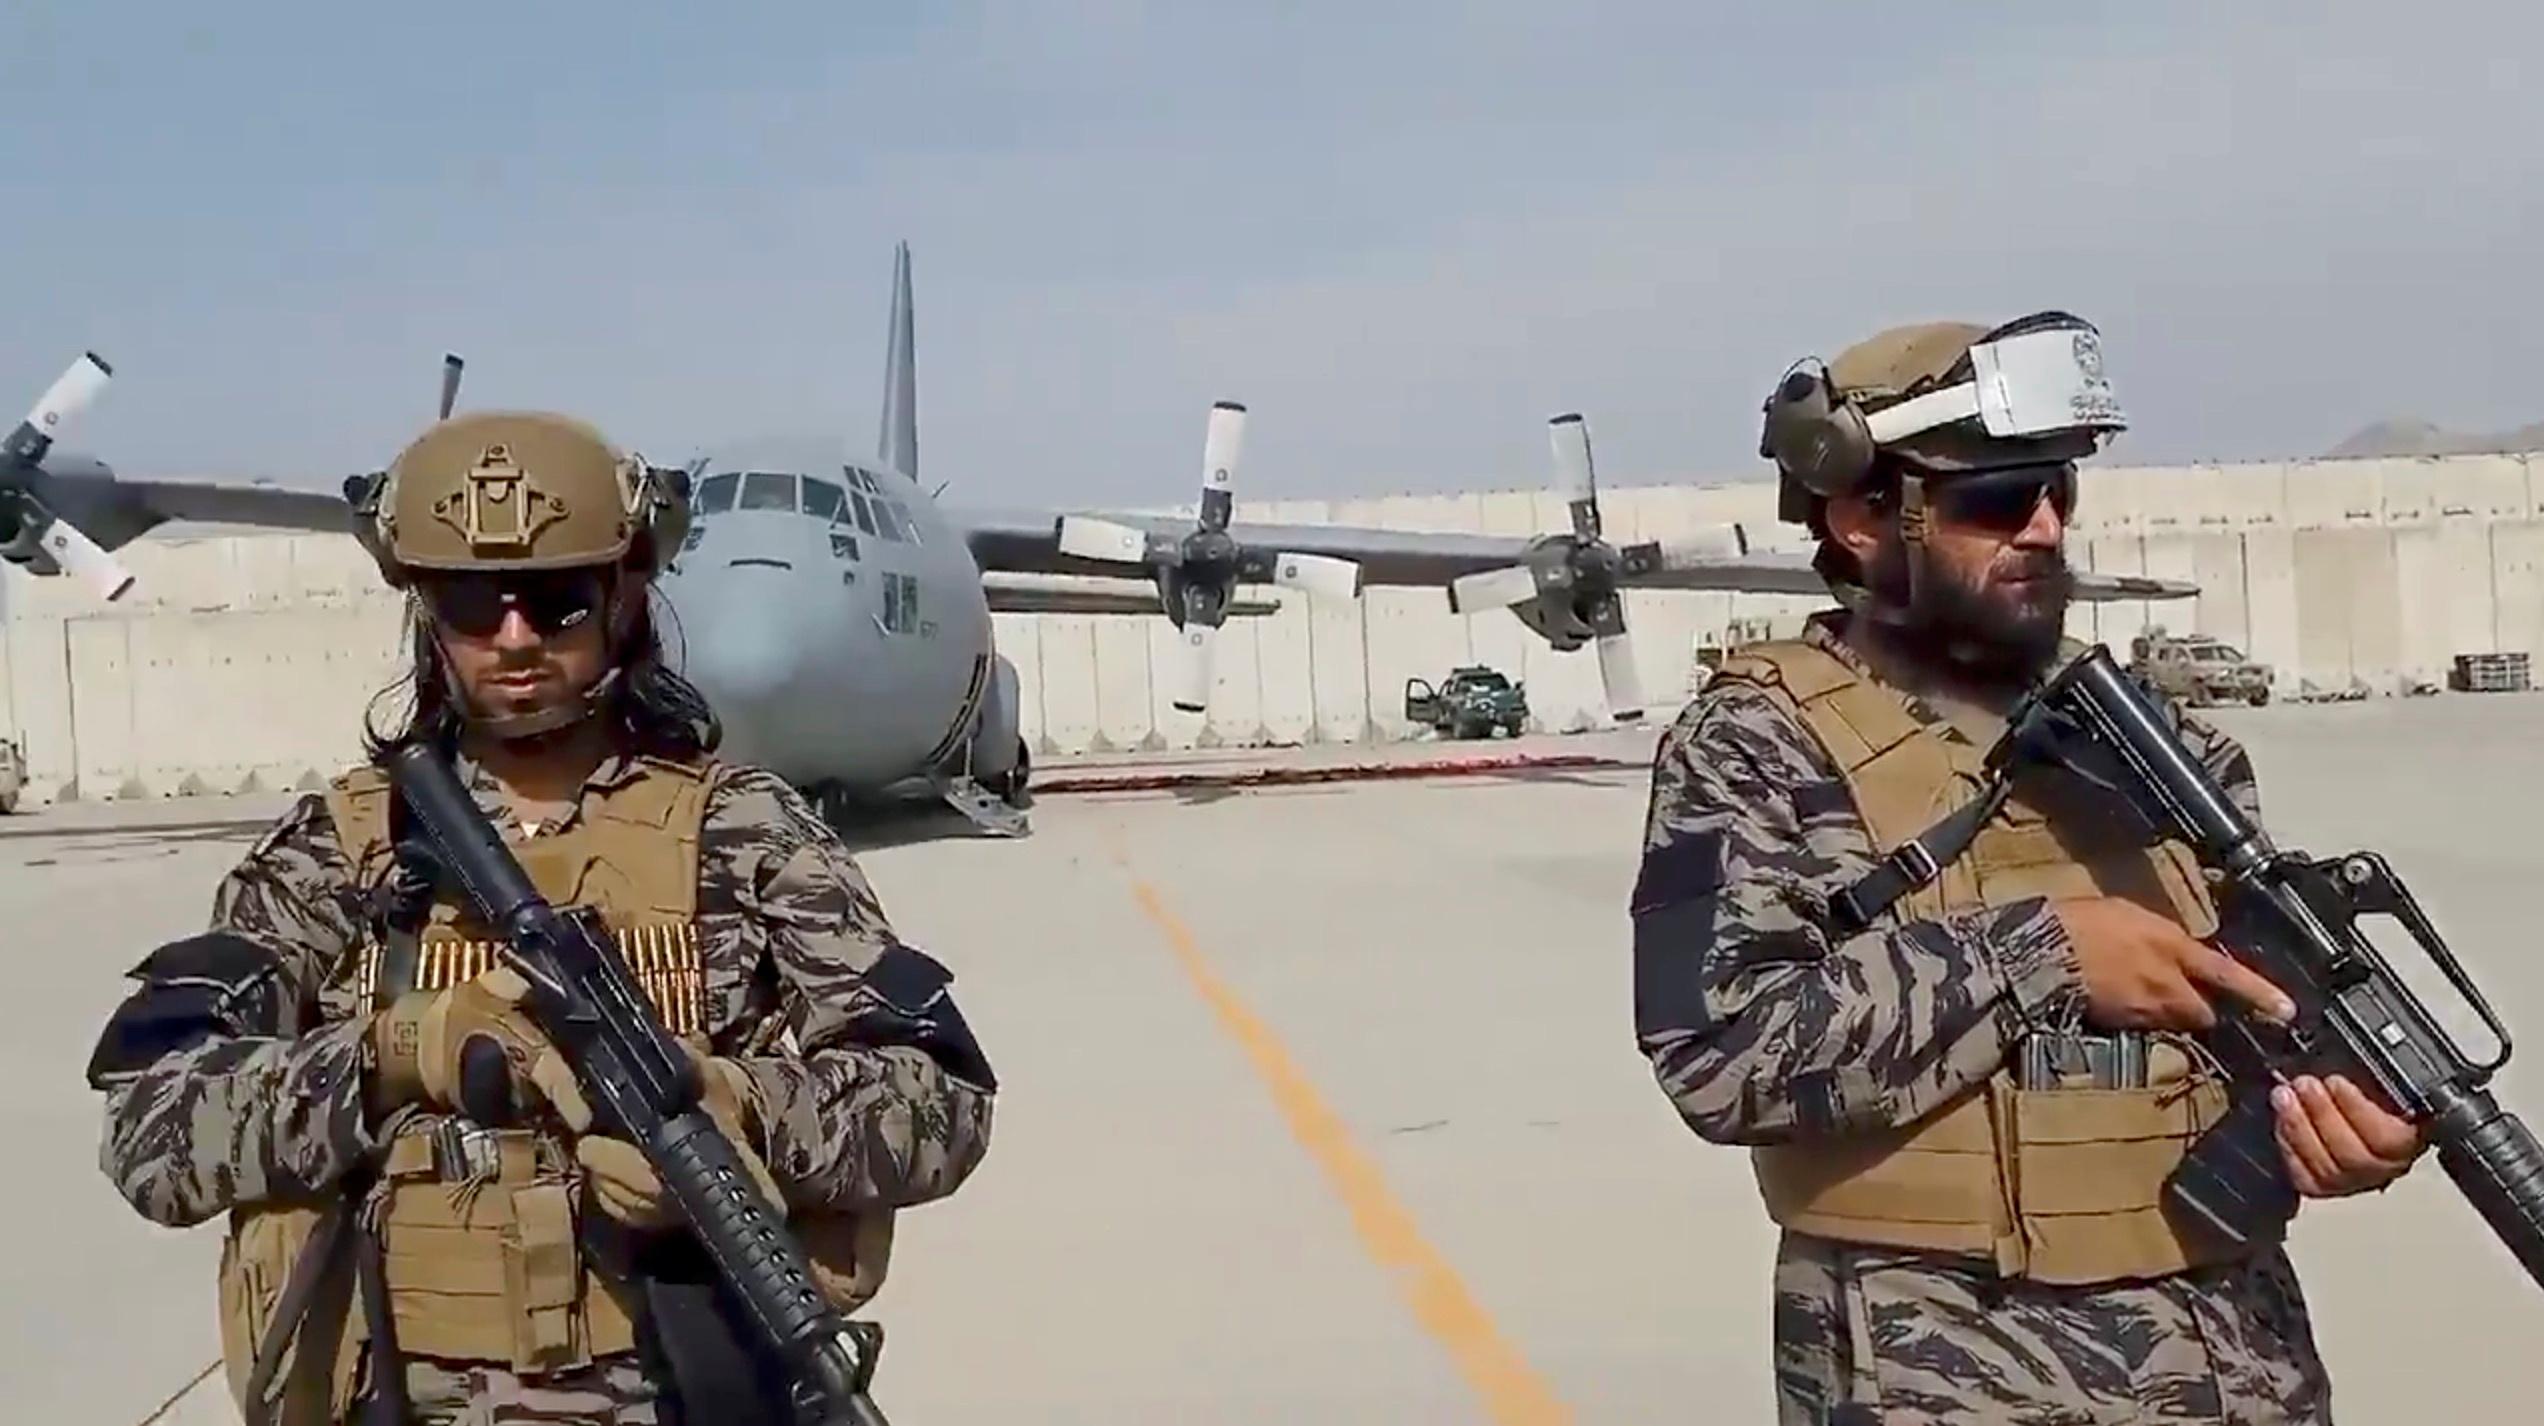 Αφγανιστάν: Κατάρ και Τουρκία συνομιλούν με τους Ταλιμπάν για το αεροδρόμιο της Καμπούλ